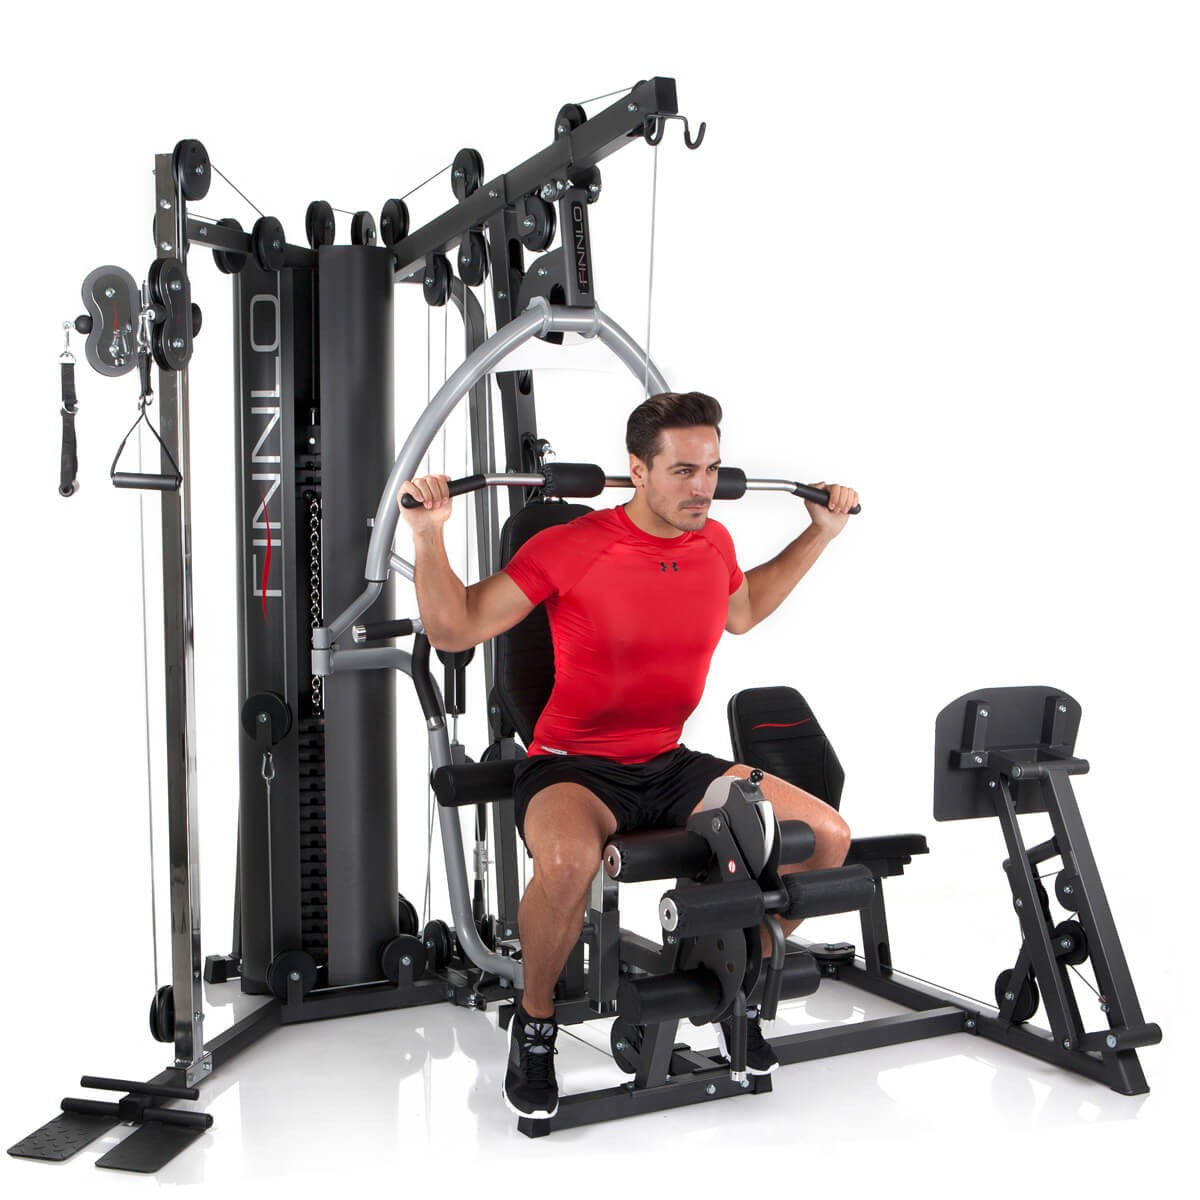 proteus studio 5 home gym manual